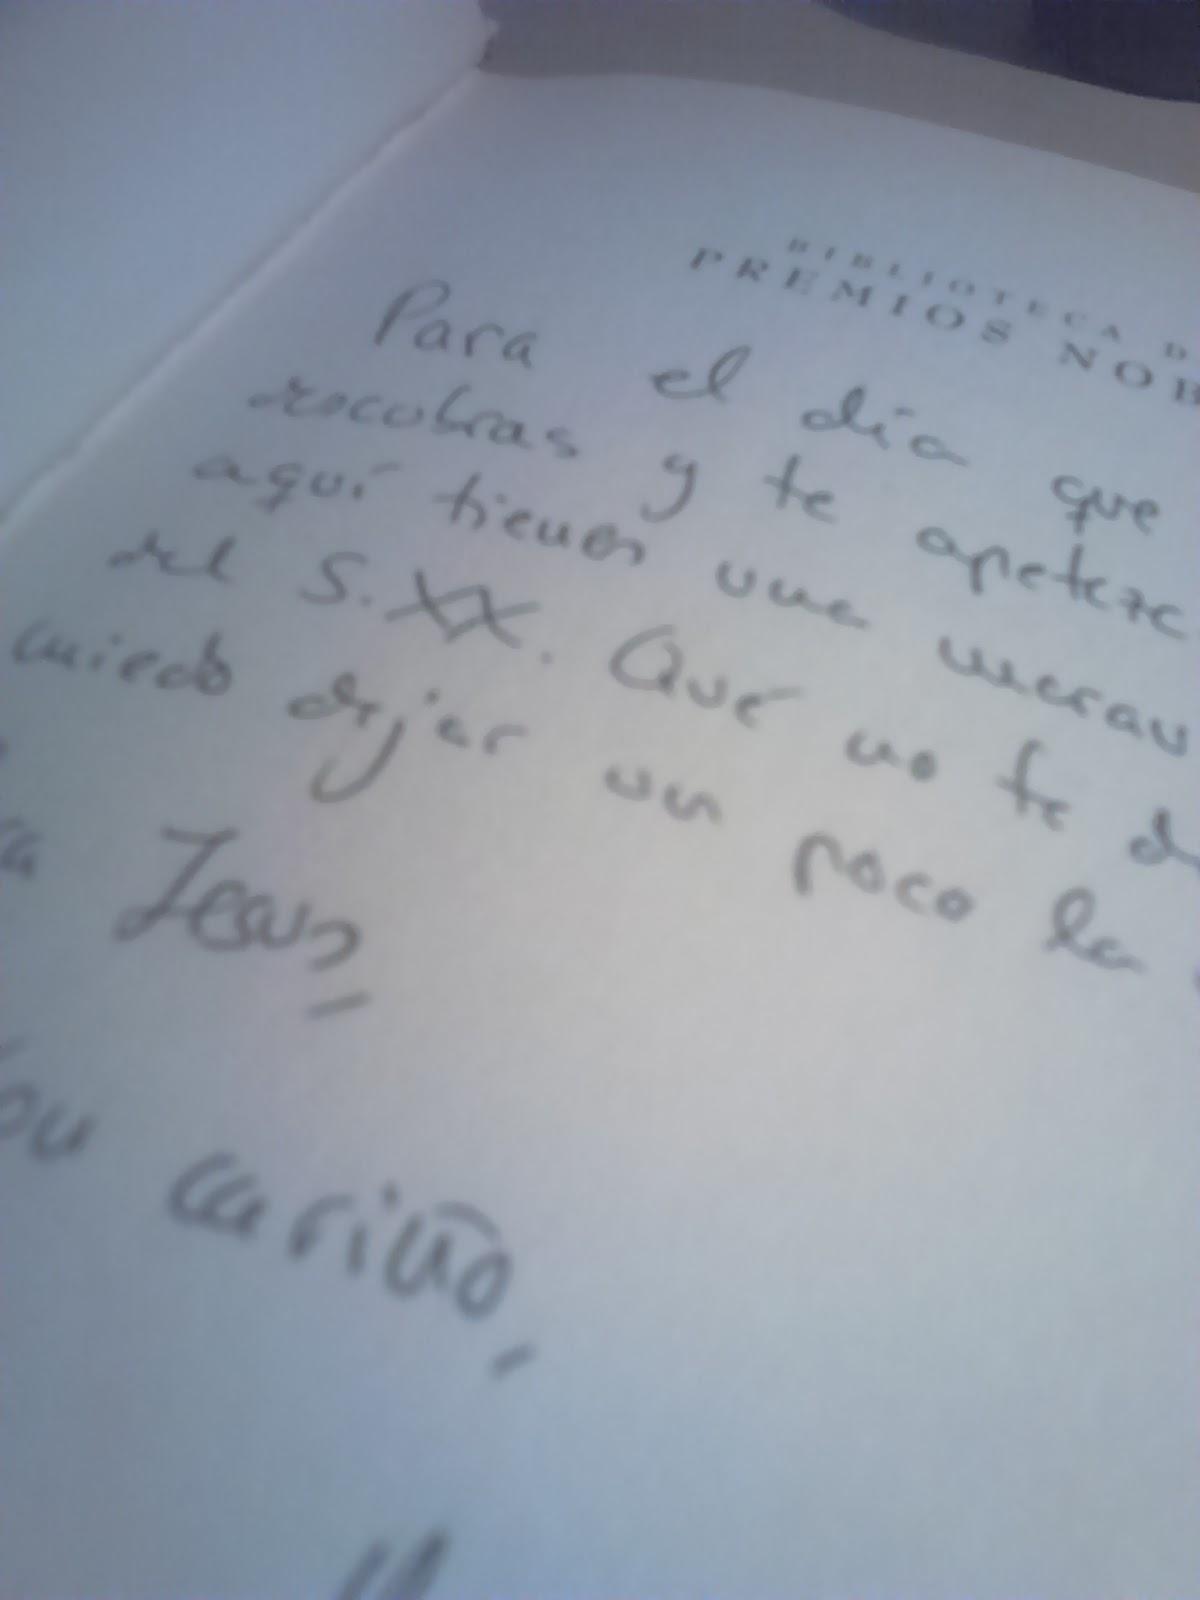 Increíble Pasos Reanudar La Escritura Colección de Imágenes ...